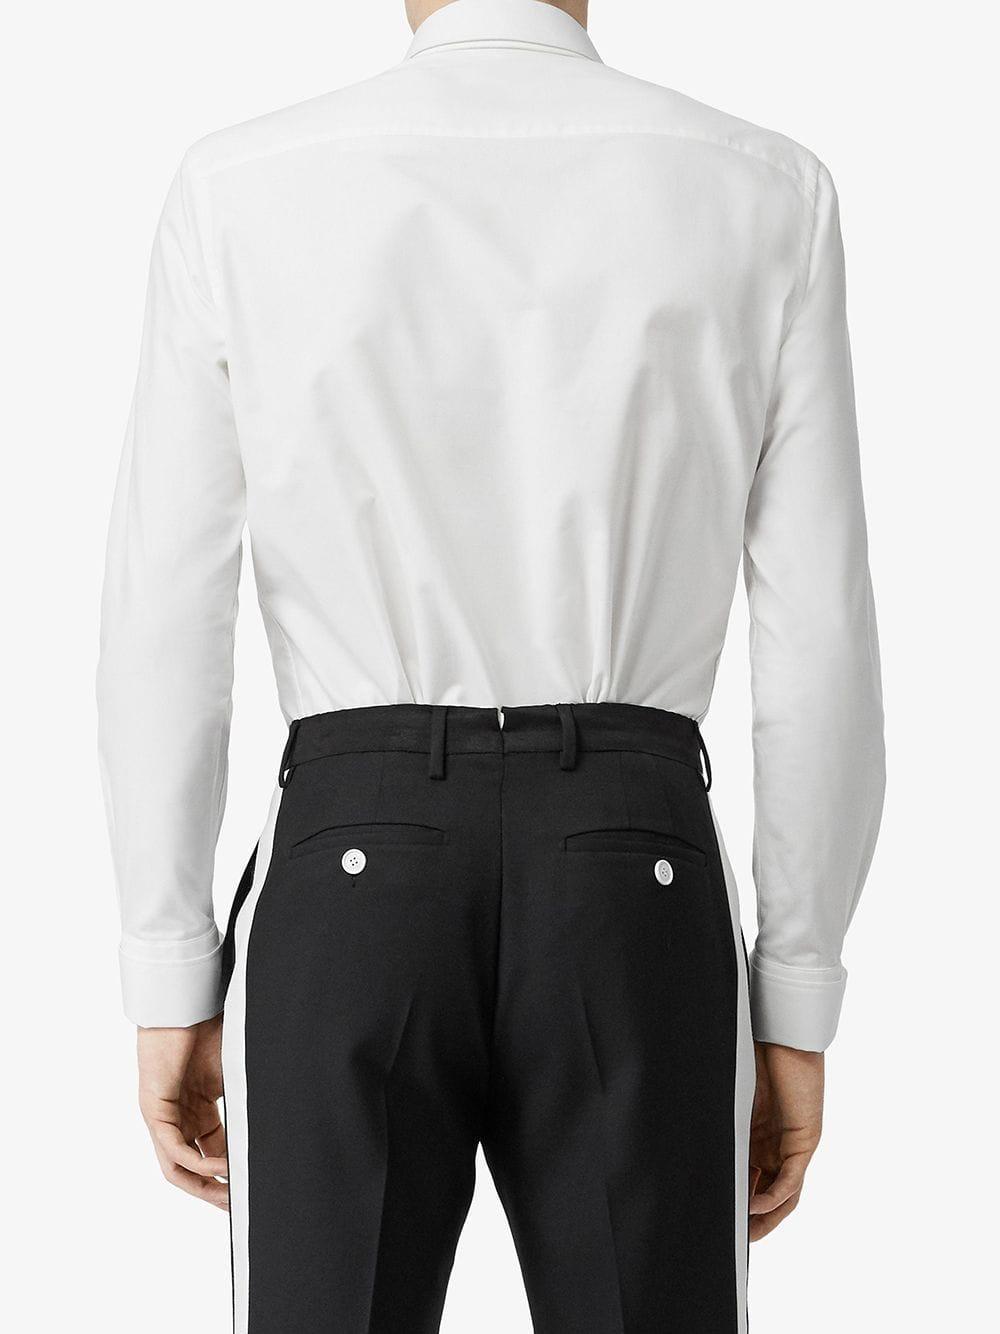 Burberry Baumwolle Hemd mit abnehmbarem Kragen in Weiß für Herren